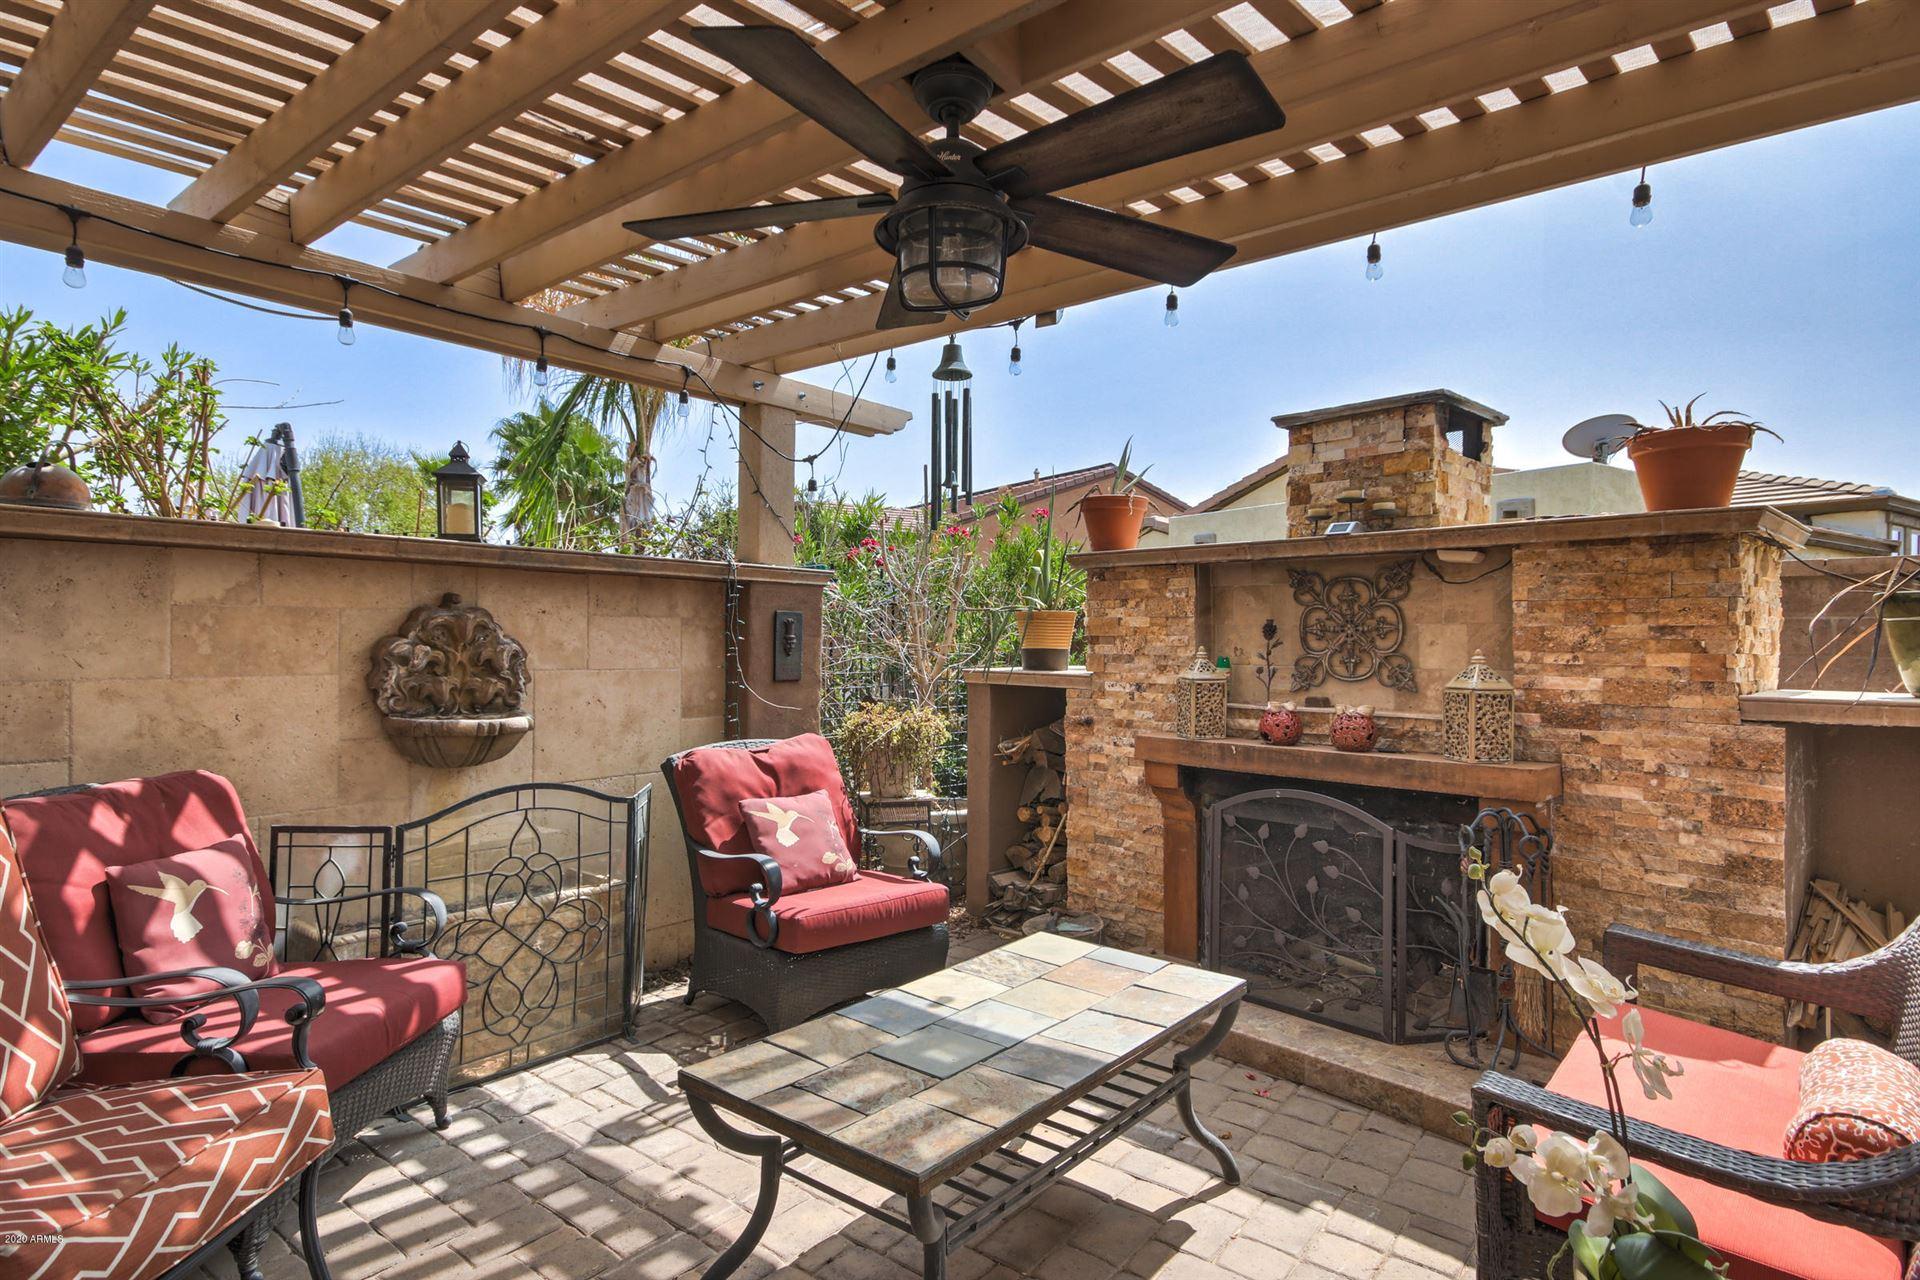 839 E HARMONY Way, San Tan Valley, AZ 85140 - MLS#: 6132092